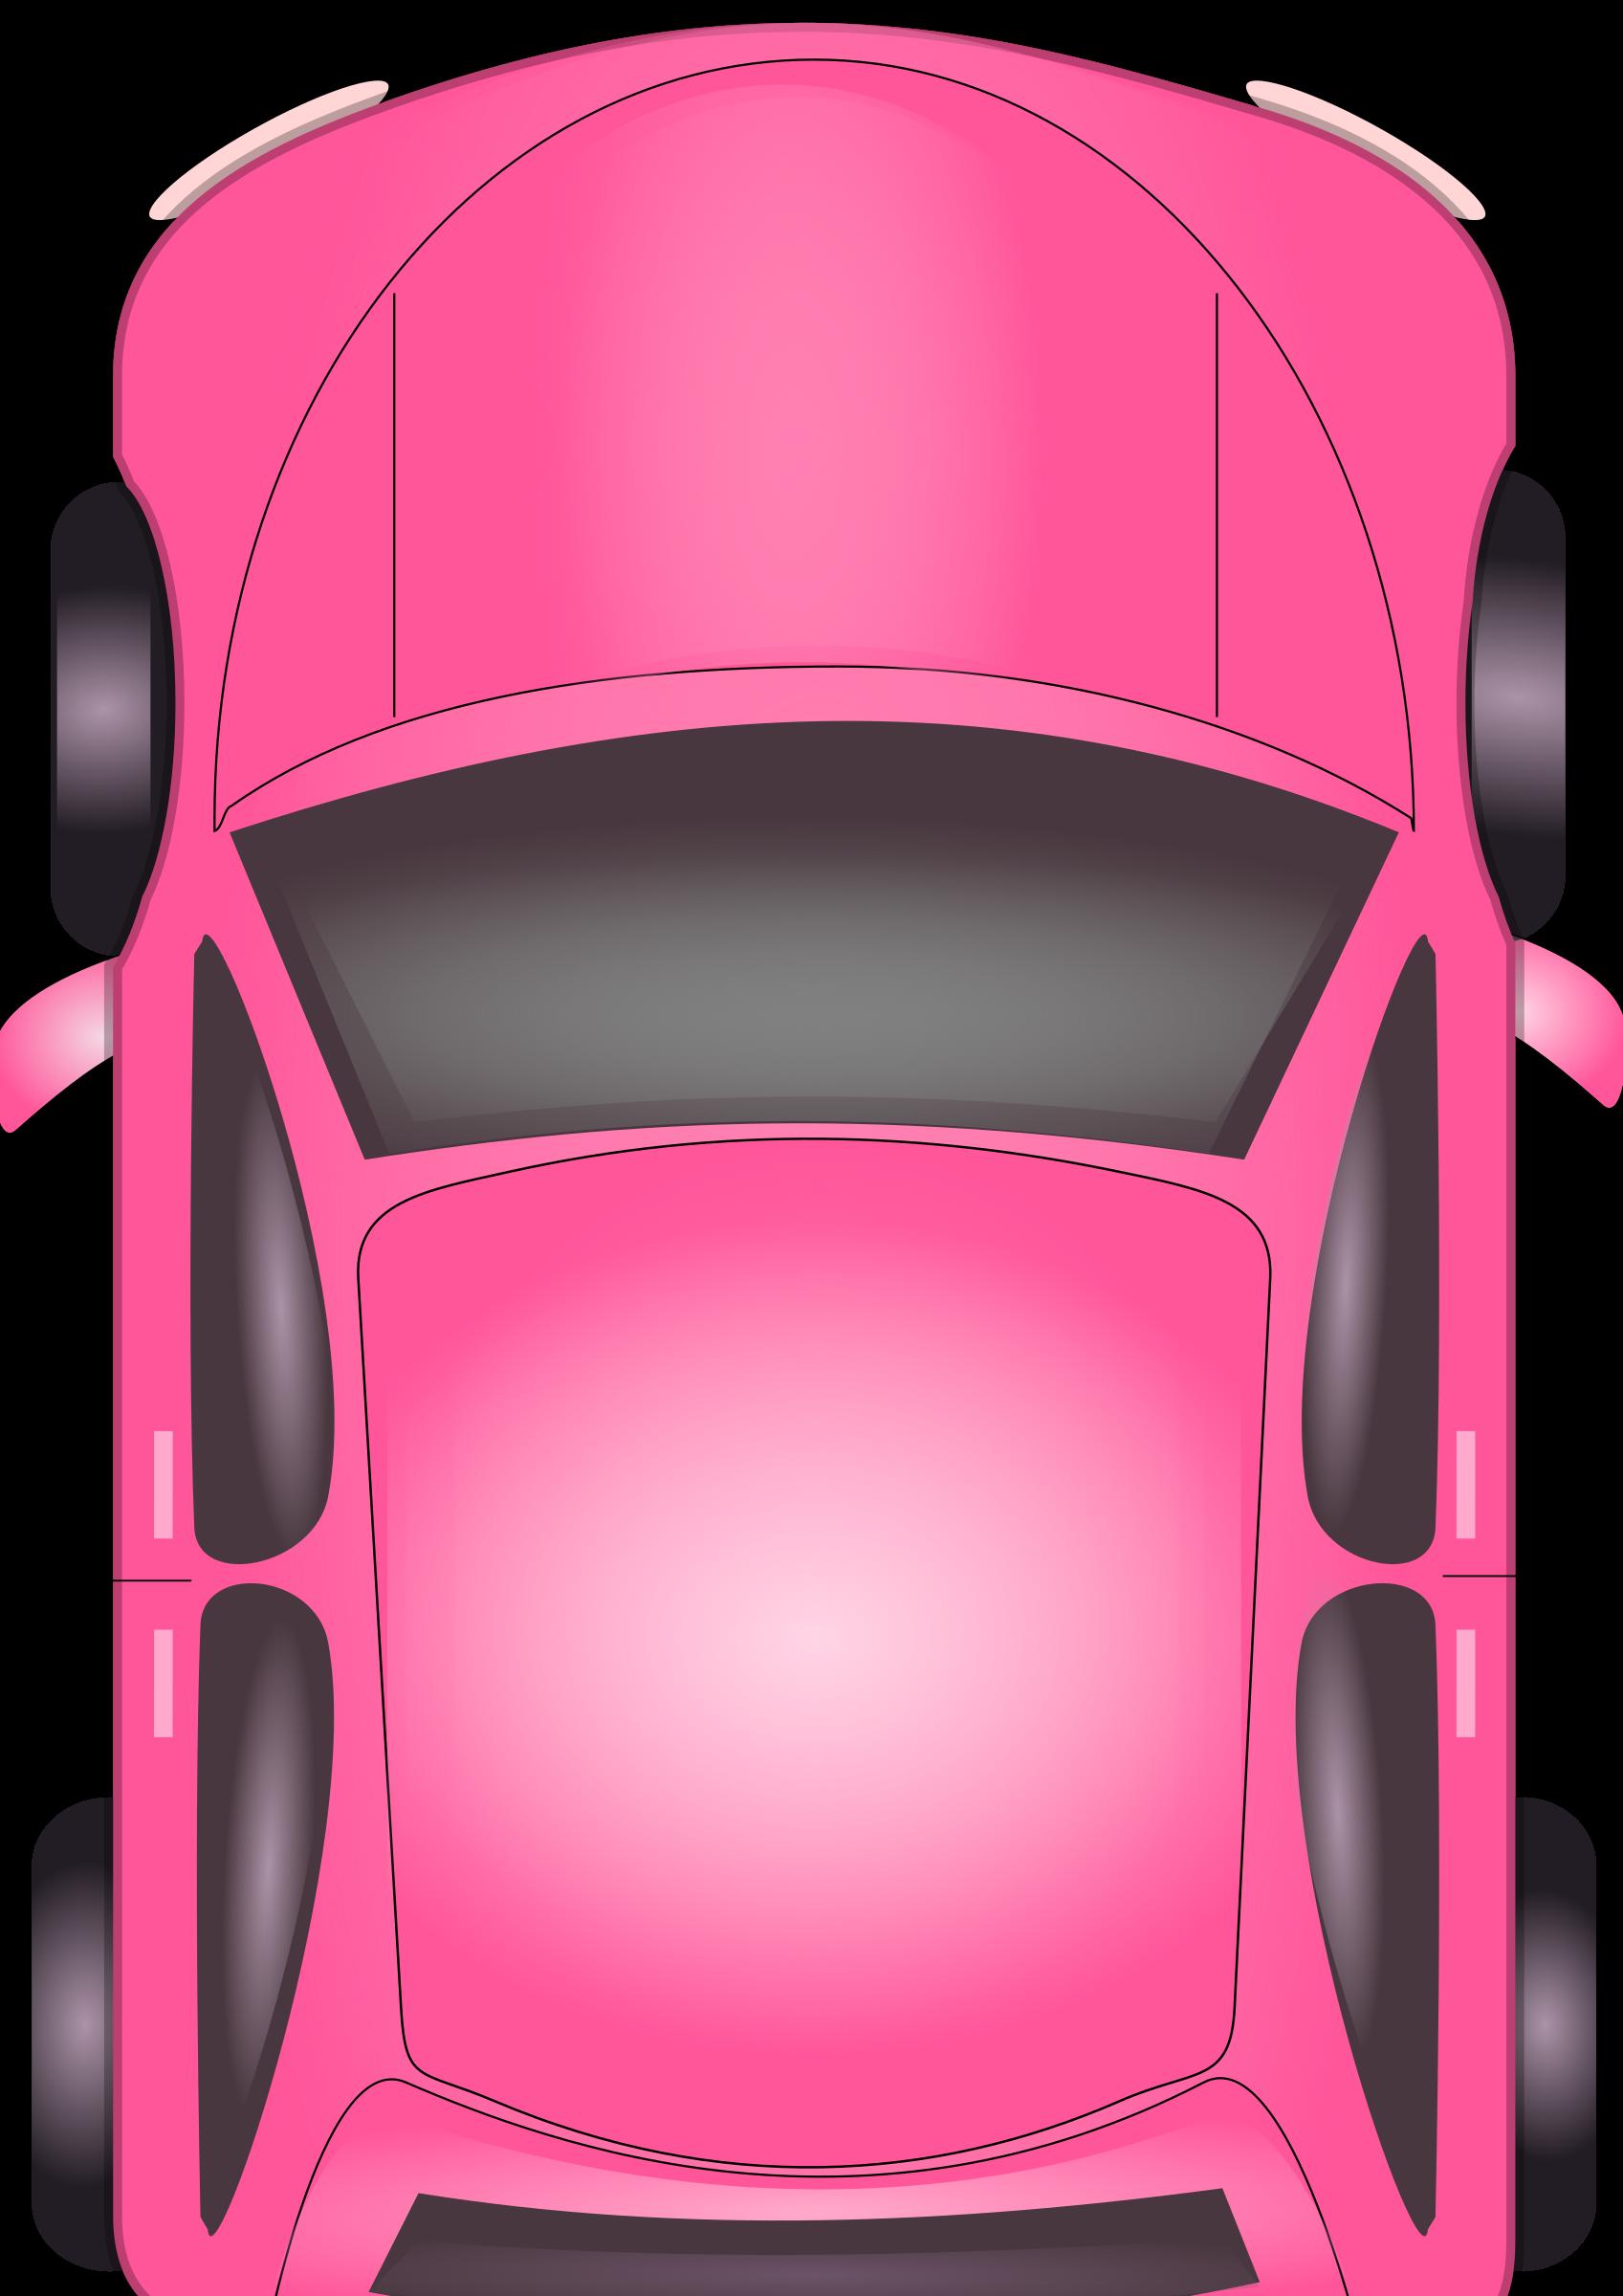 Door clipart top view. Pink car big image